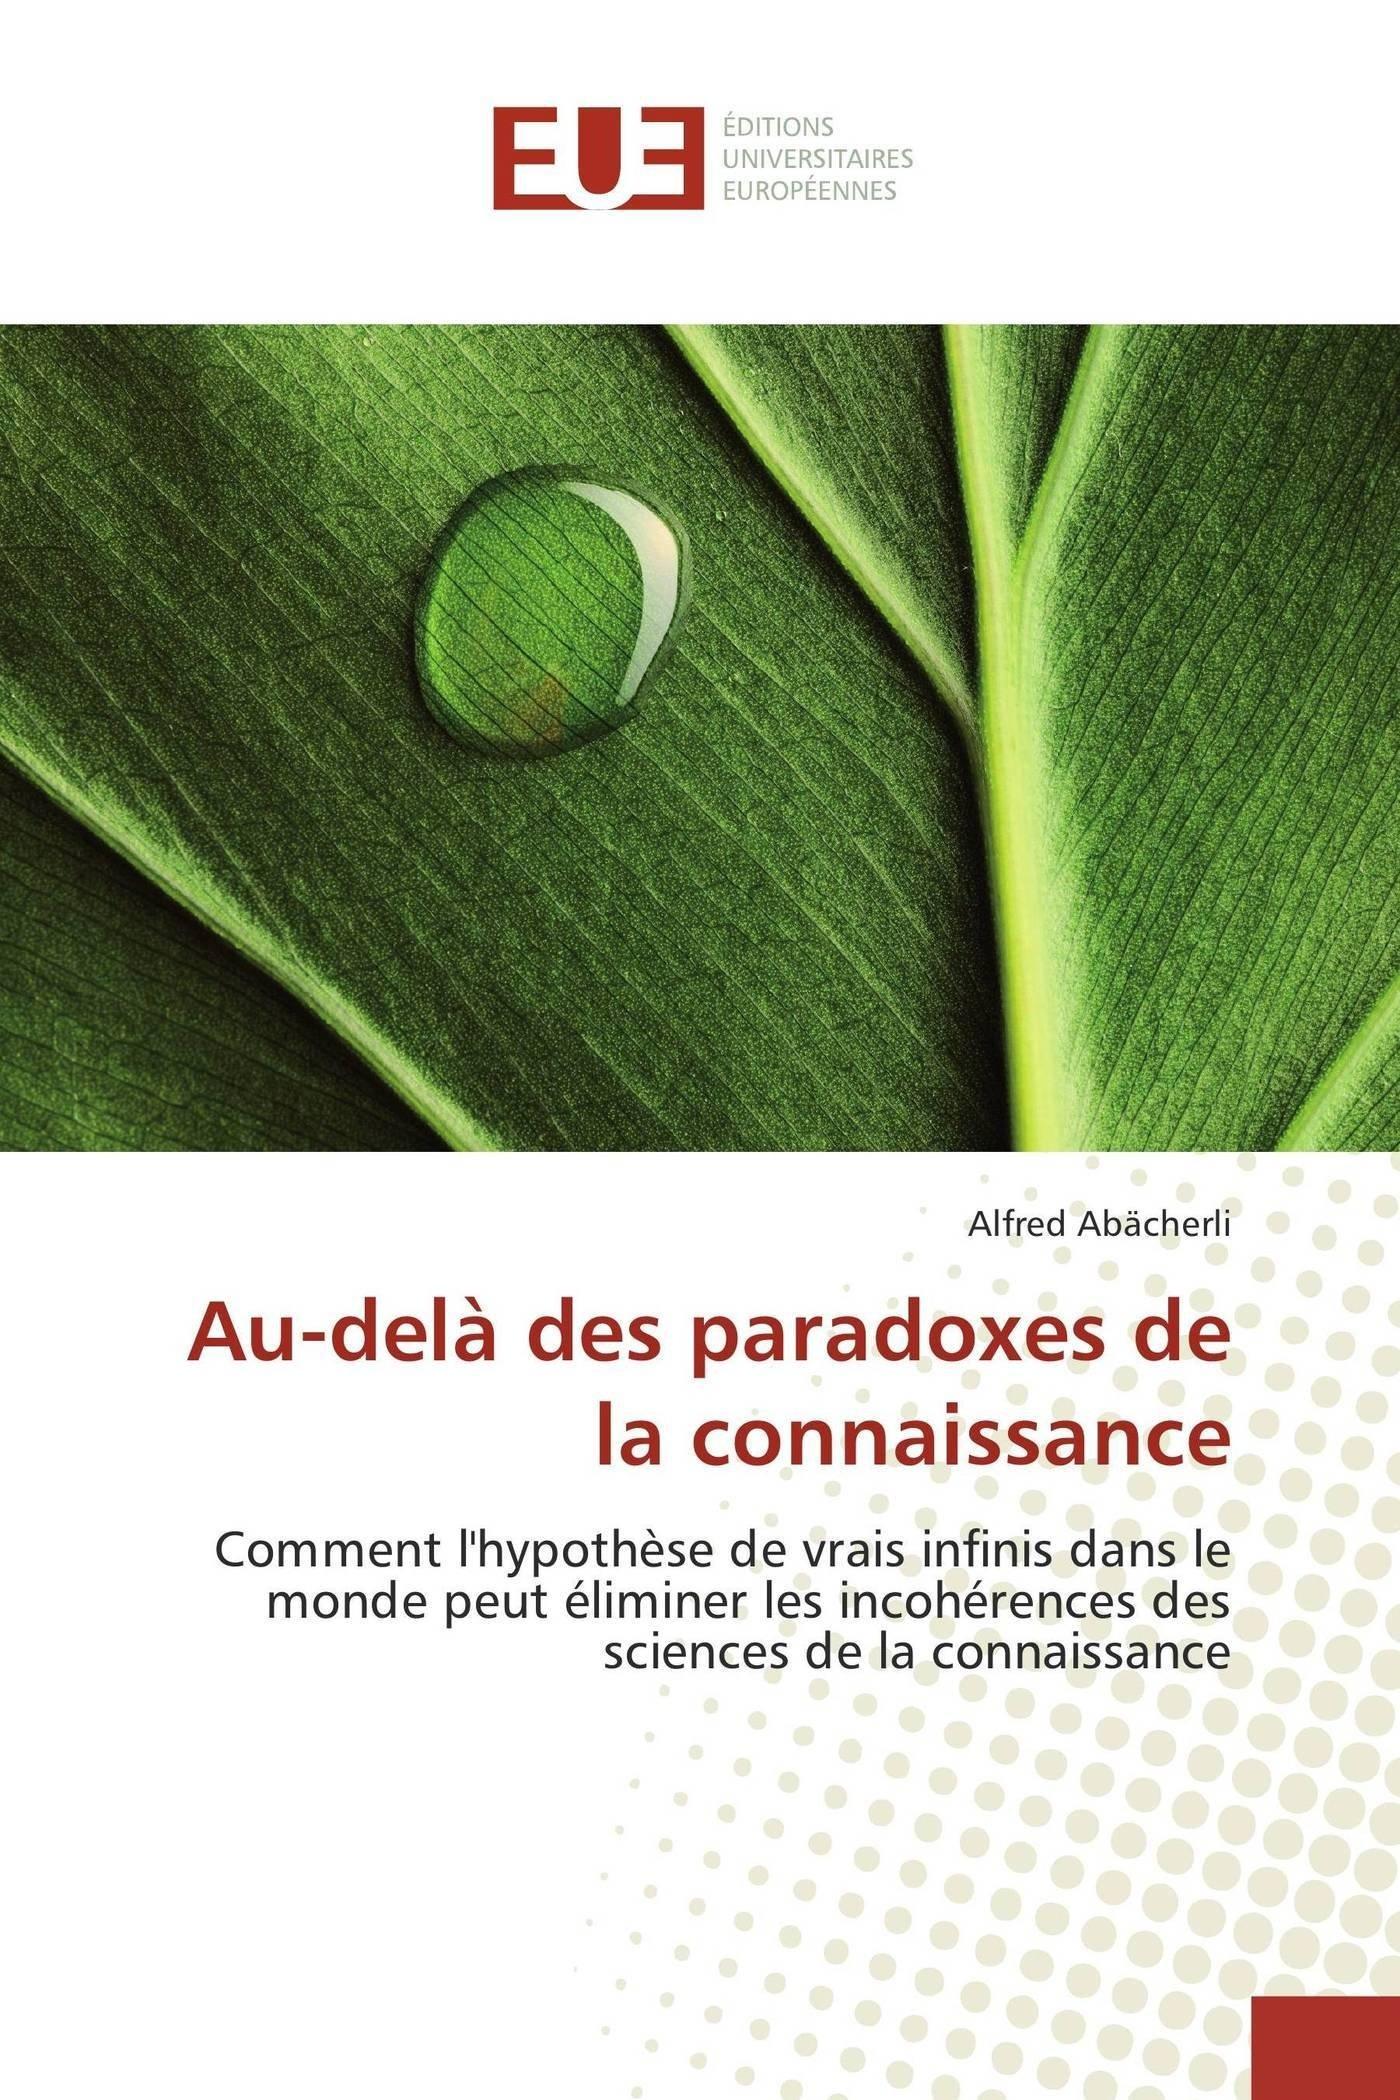 Au-delà des paradoxes de la connaissance: Comment l'hypothèse de vrais infinis dans le monde peut éliminer les incohérences des sciences de la connaissance (Omn.Univ.Europ.) (French Edition) PDF